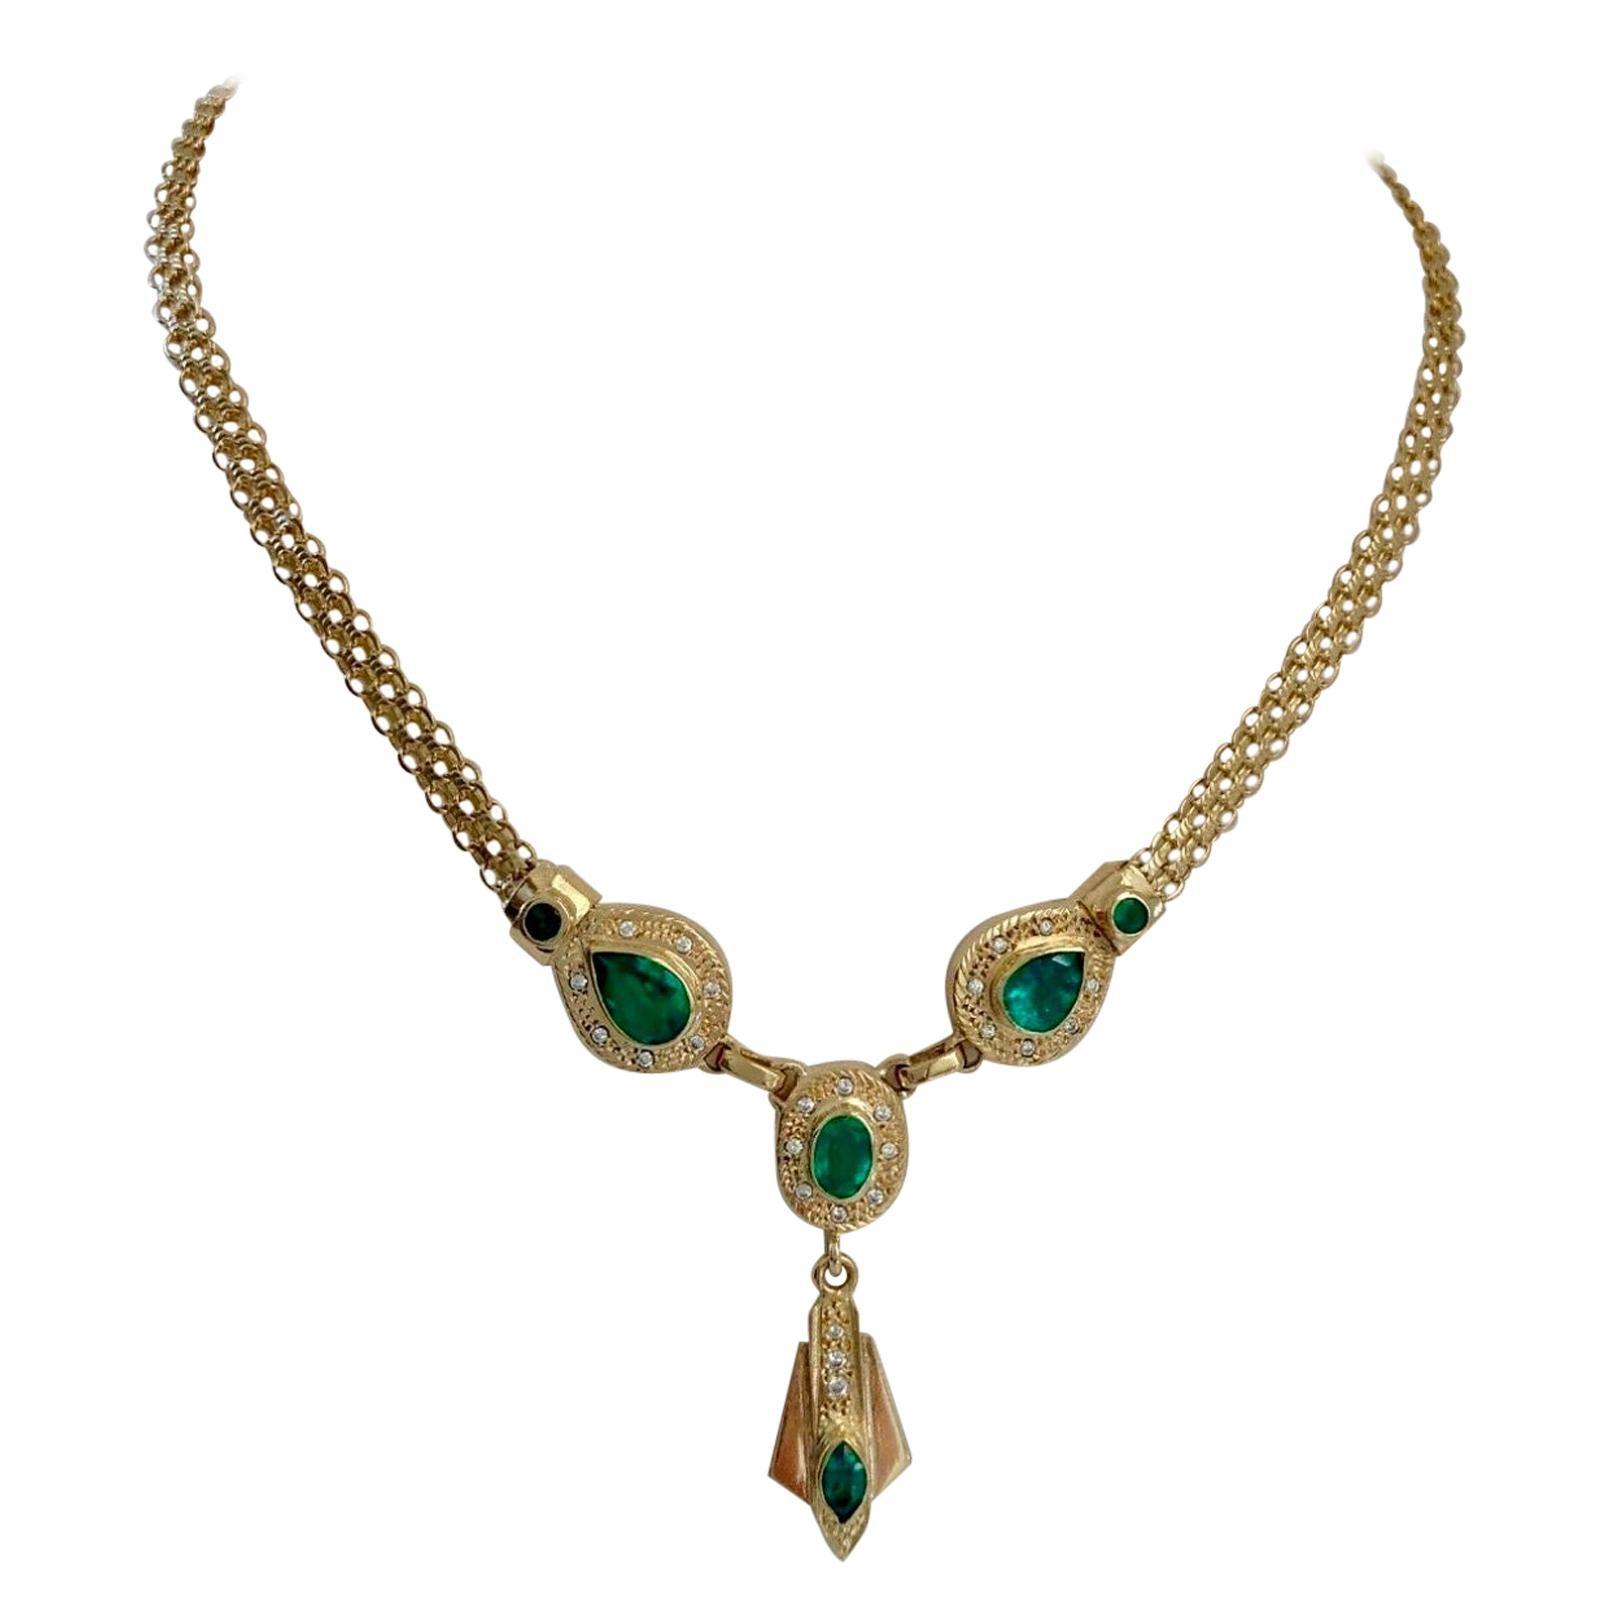 Fine 7.30 Carat Colombian Emerald Necklace 18 Karat